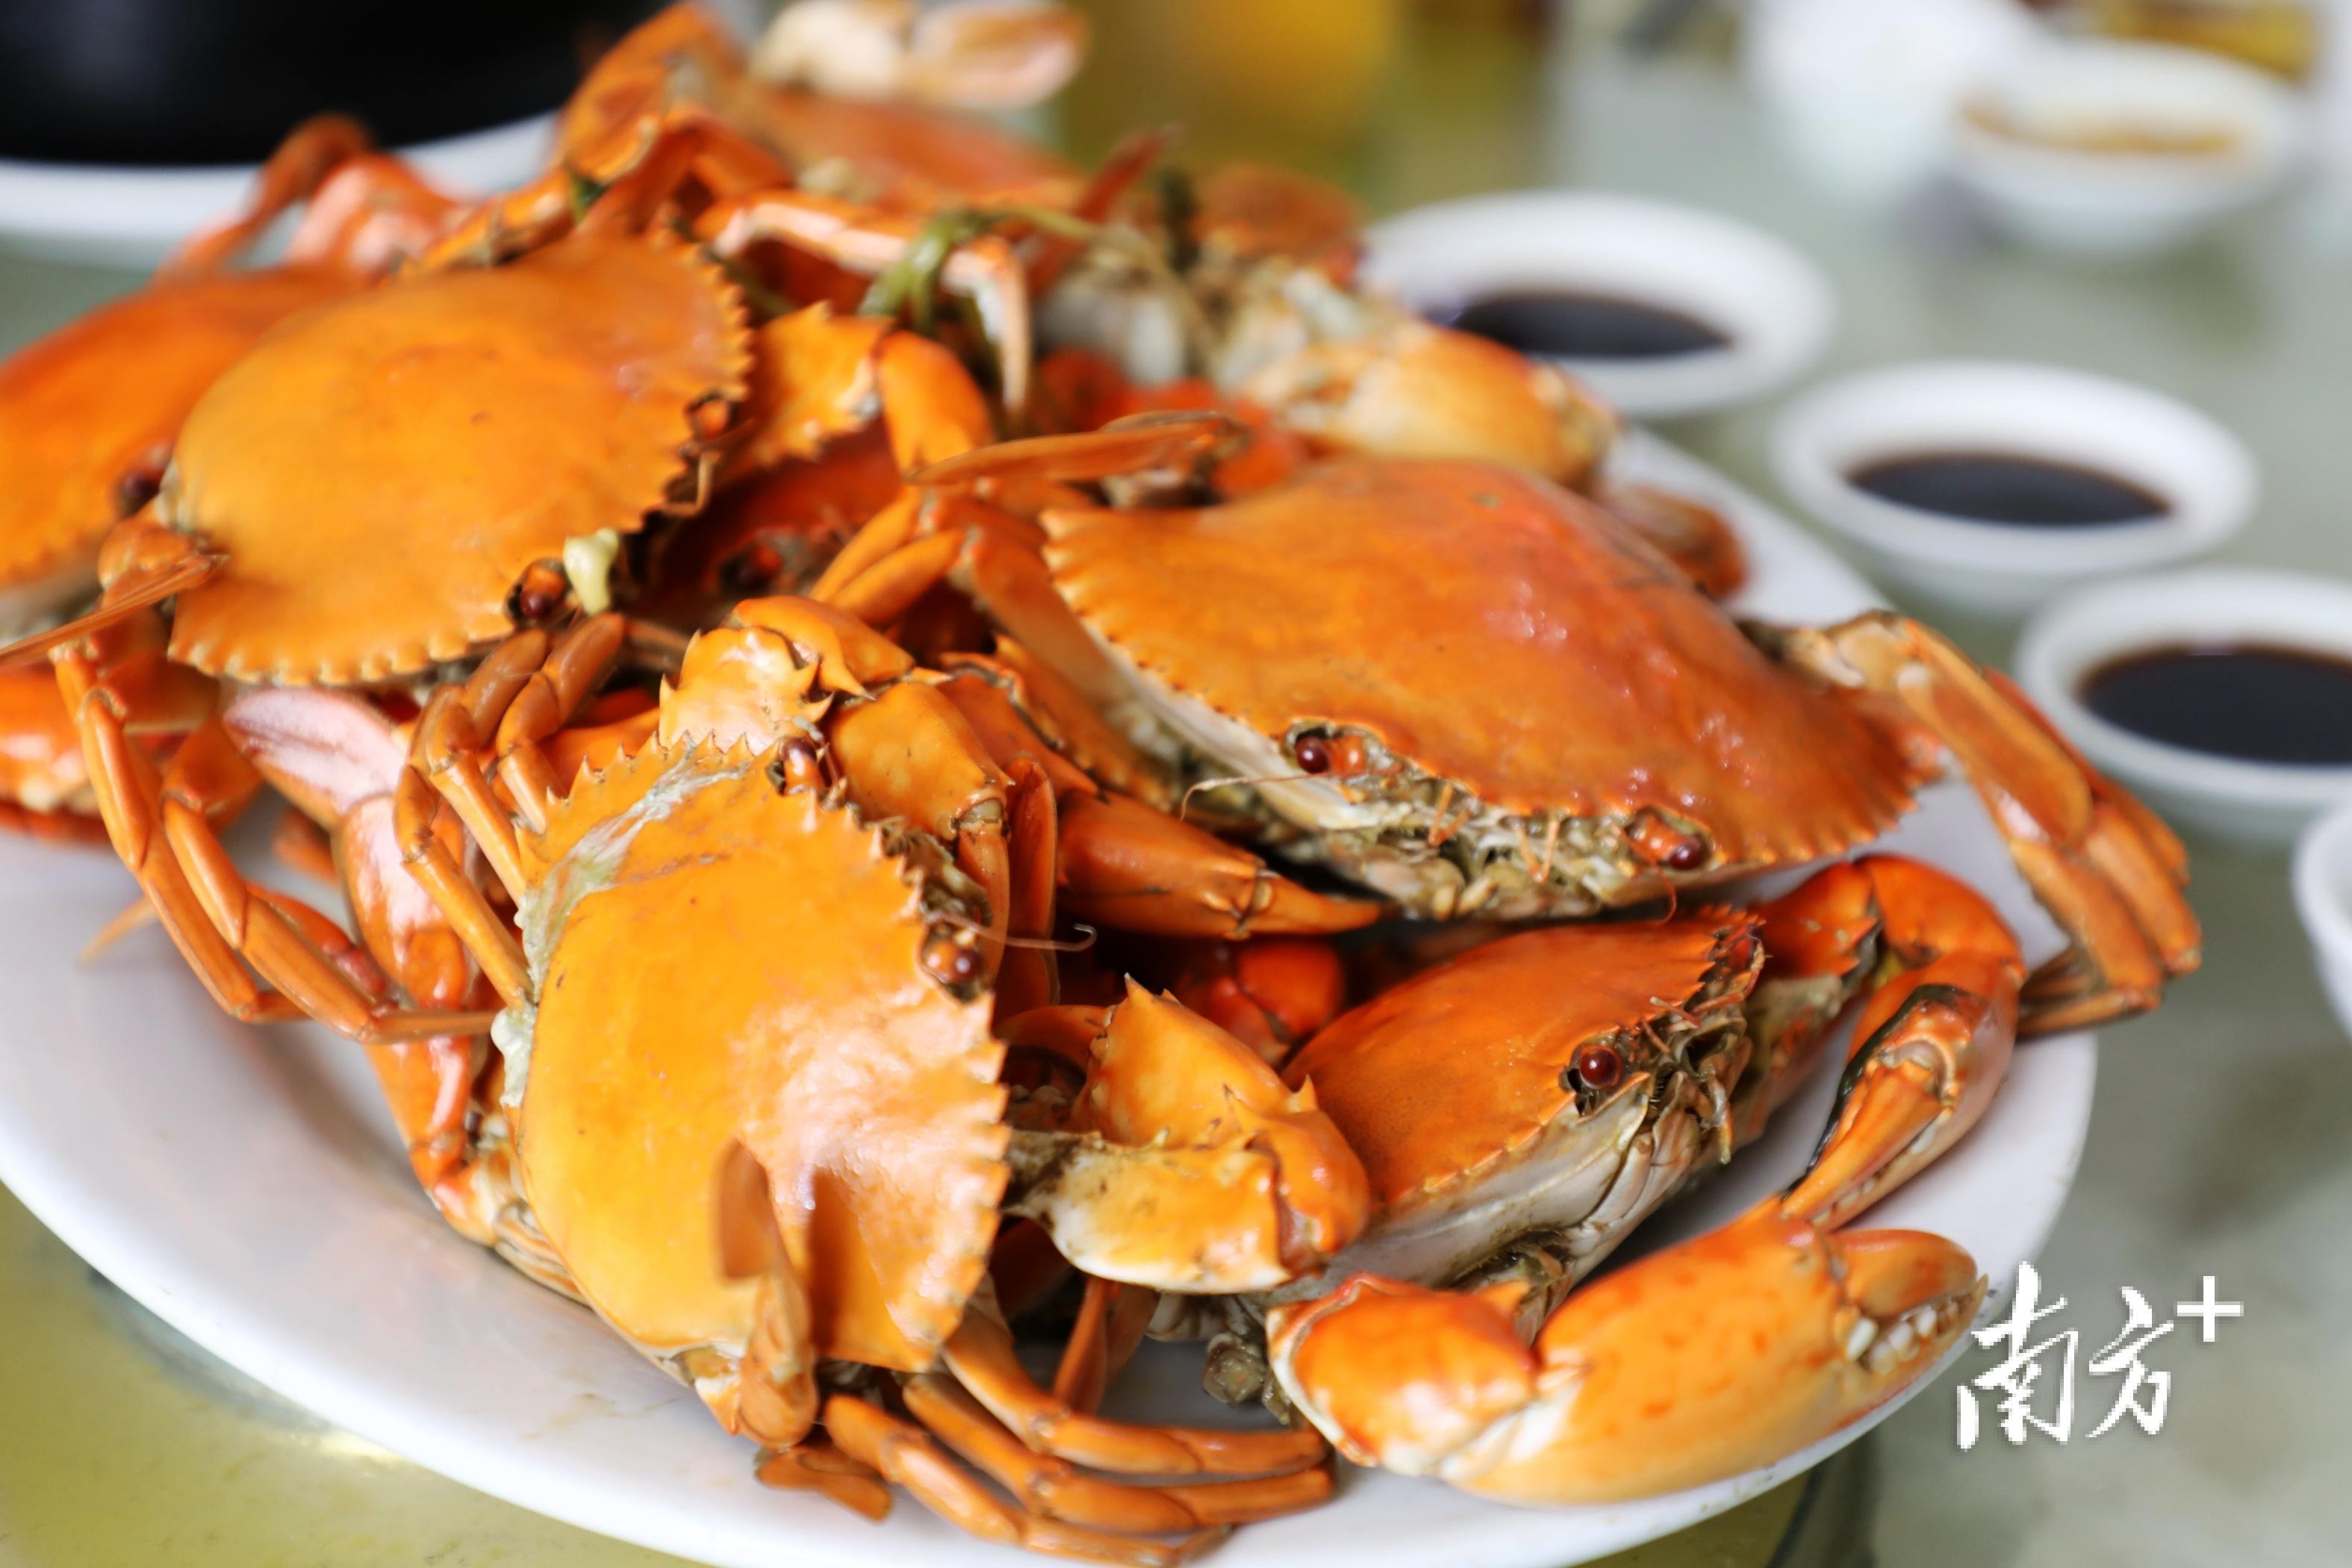 牛田洋青蟹学名叫拟穴青蟹,以个大、肉甜、味甘、膏香著称。  南方+ 张伟炜 拍摄